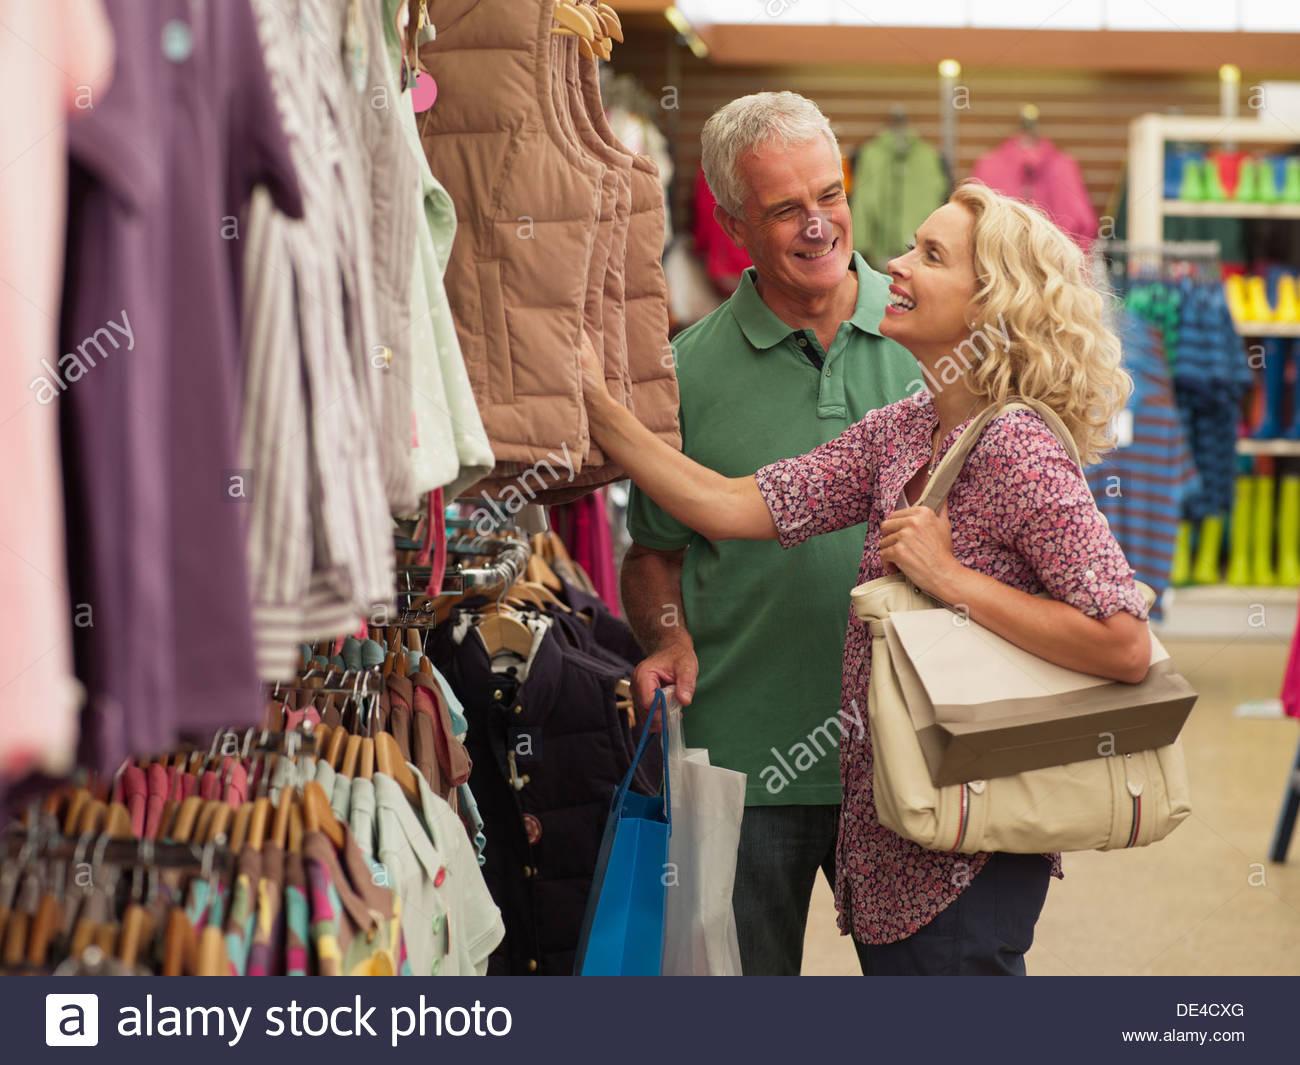 Paio di shopping per i vestiti in negozio Immagini Stock